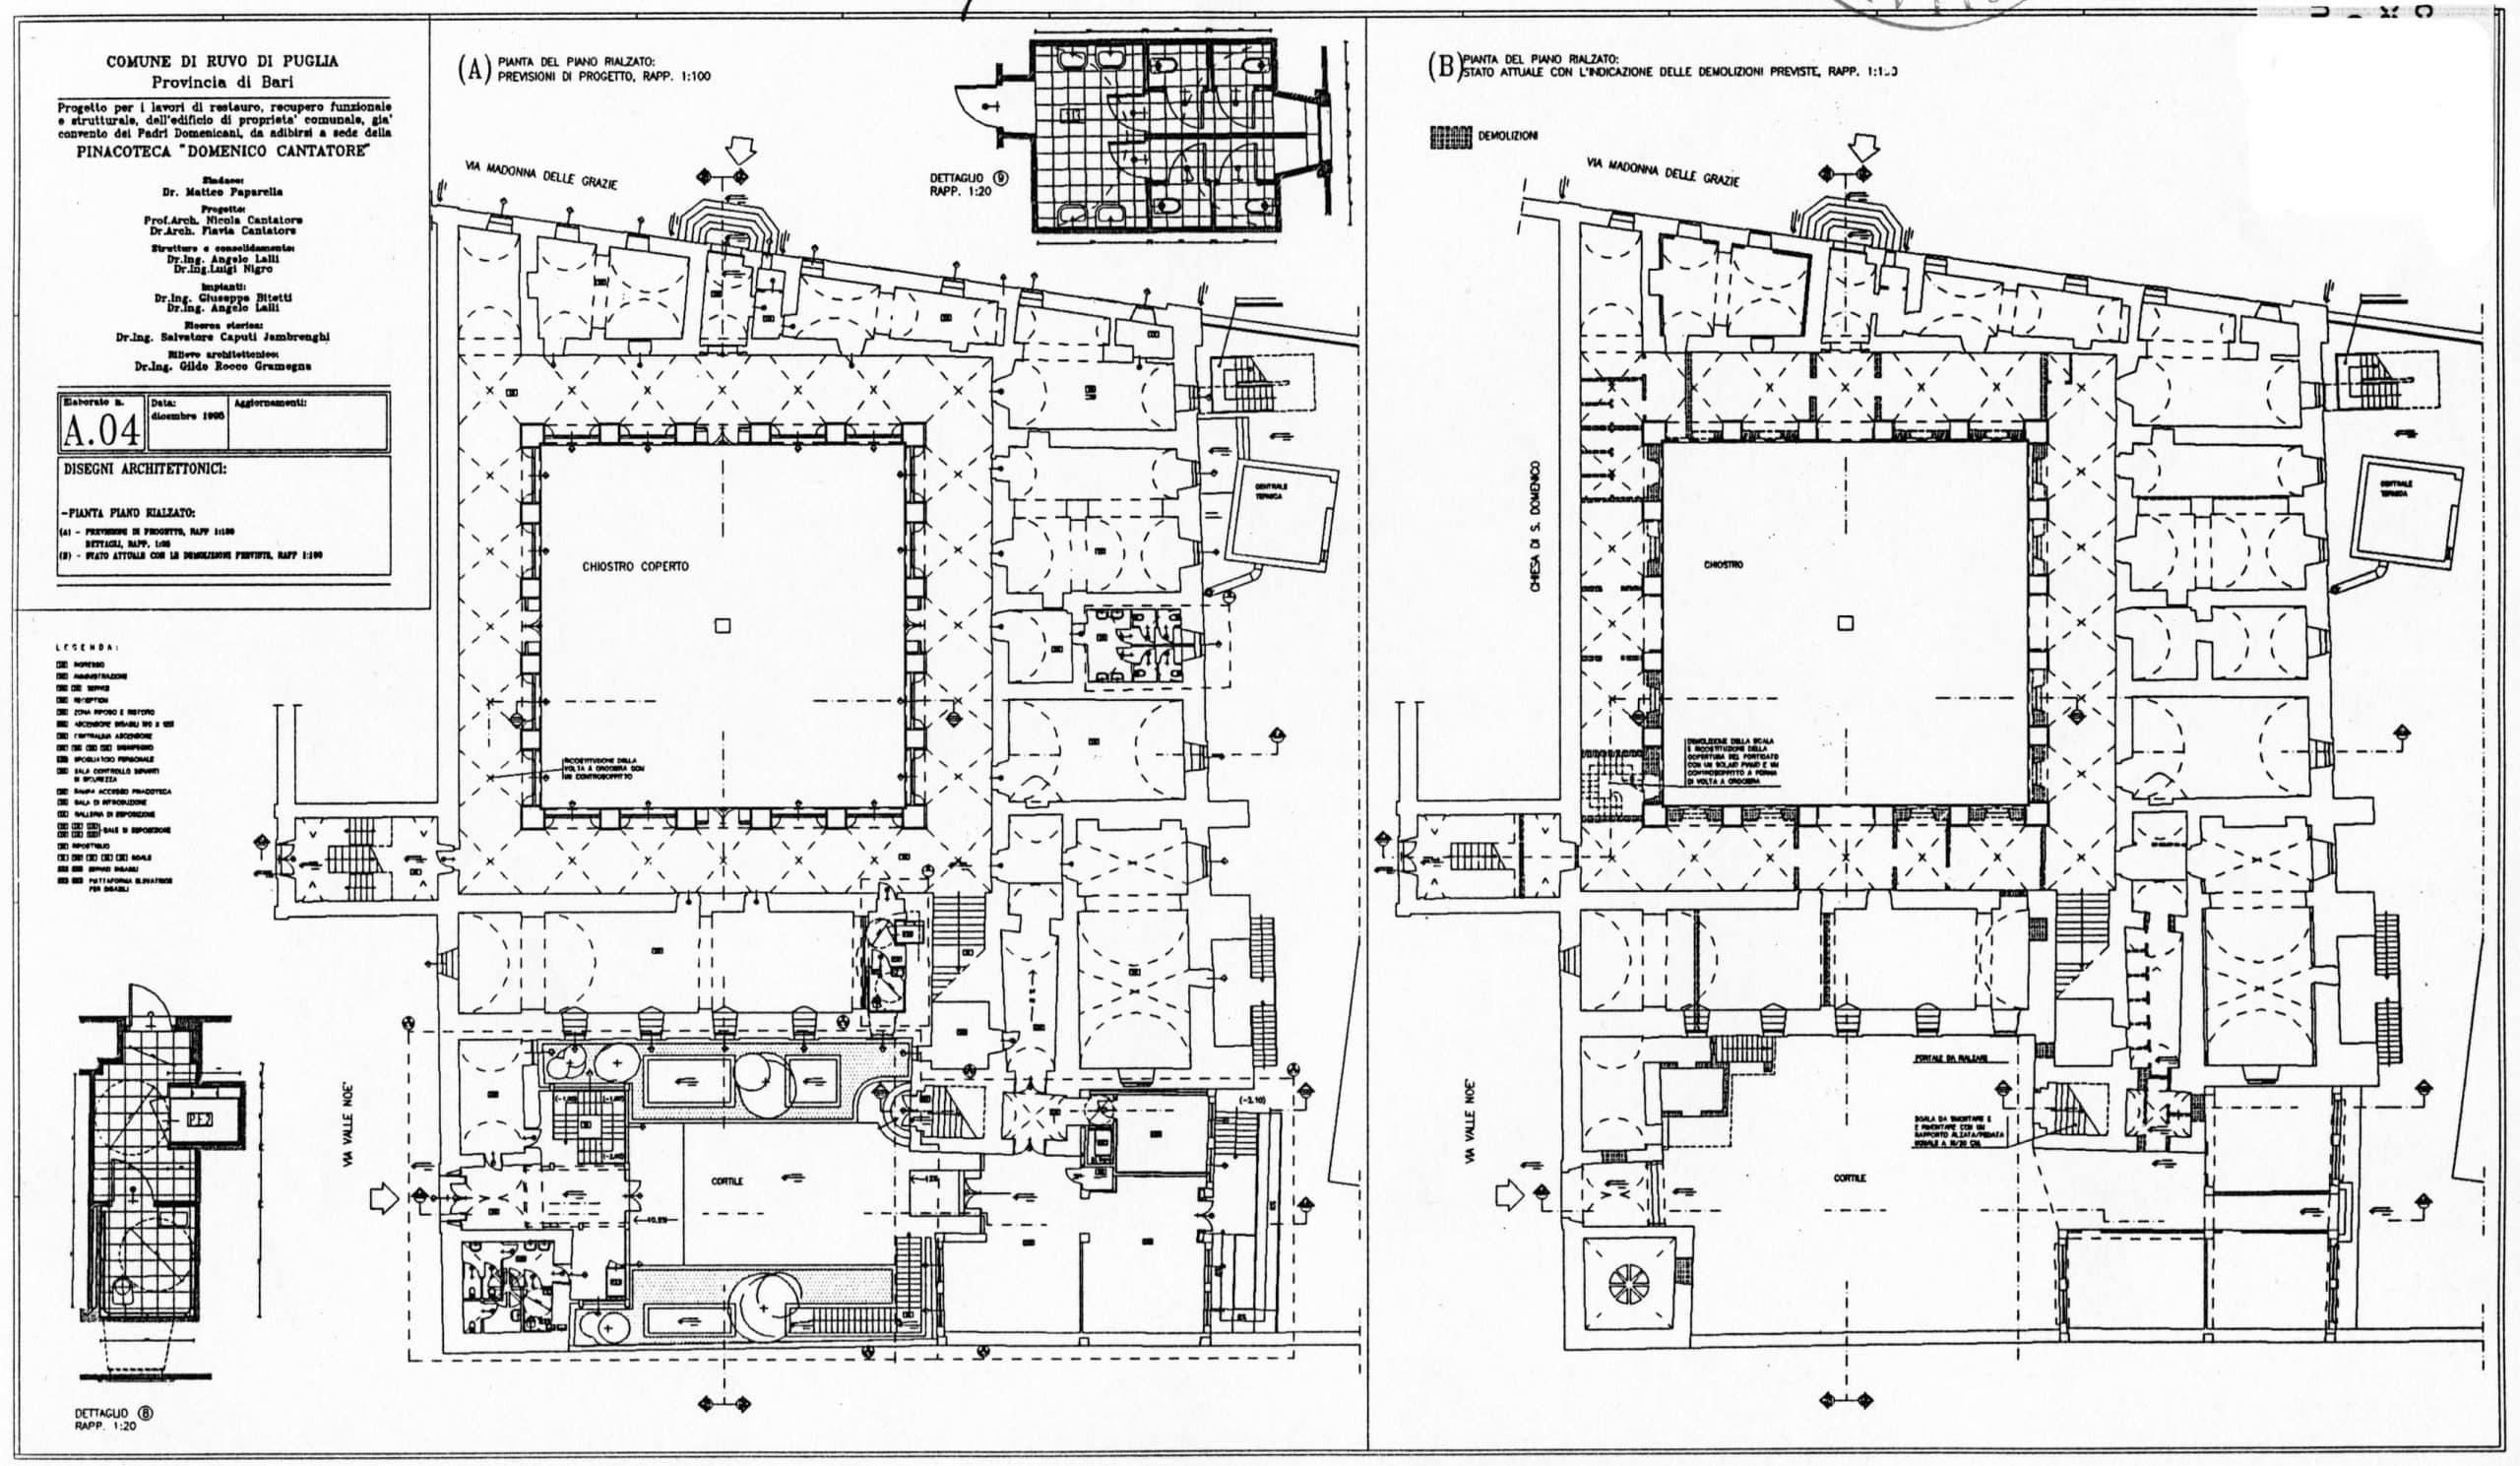 19 - Progetto di restauro, recupero funzionale e strutturale e arredamento dell'ex convento dei Padri domenicani da adibirsi a Pinacoteca comunale, Ruvo di Puglia (BA) - Sezioni